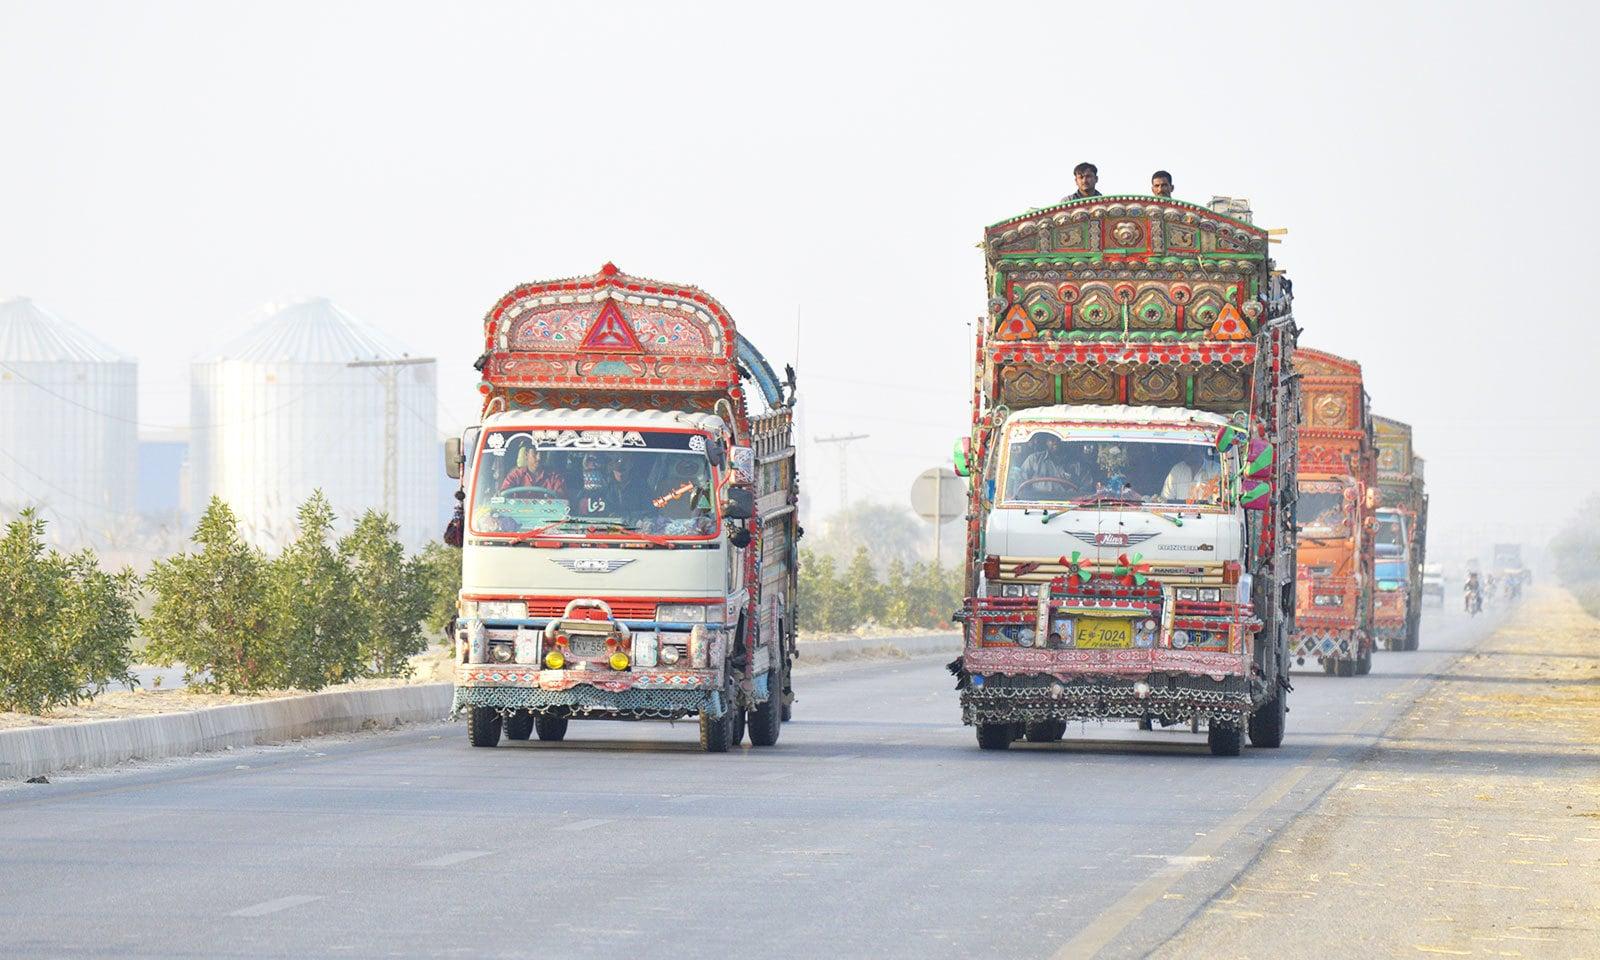 سندھ بھر کی شاہراہوں پر بھاری گاڑیوں کی بے ہنگم آمد و رفت بھی حادثات کا سبب بنتی ہے—فوٹو: غازی حسین حیدری